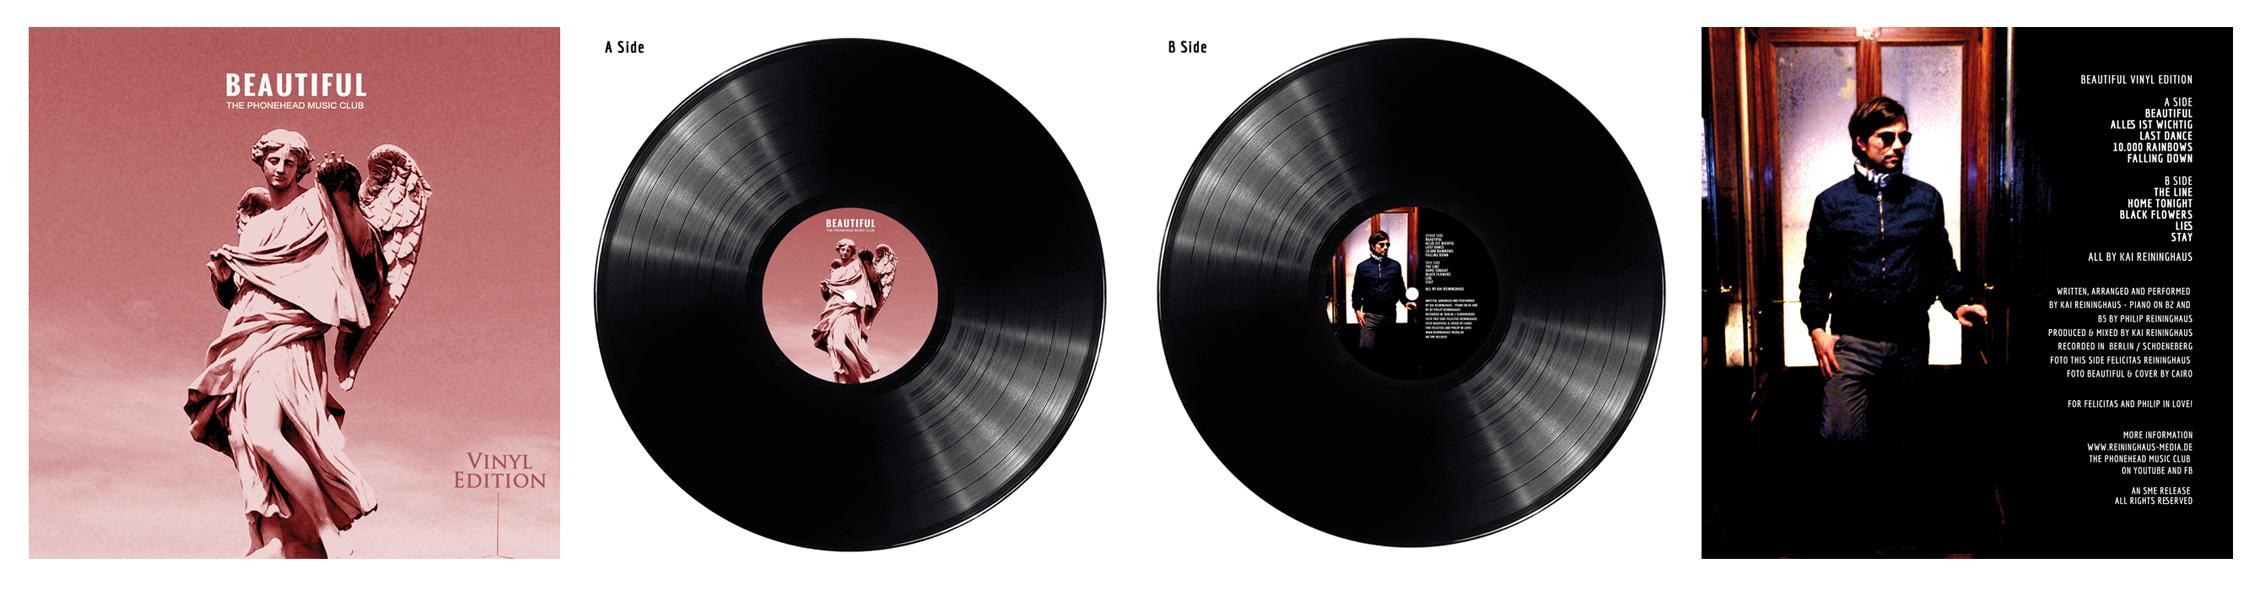 PMC Beautiful Vinyl Edition (c) by Kai Reininghaus